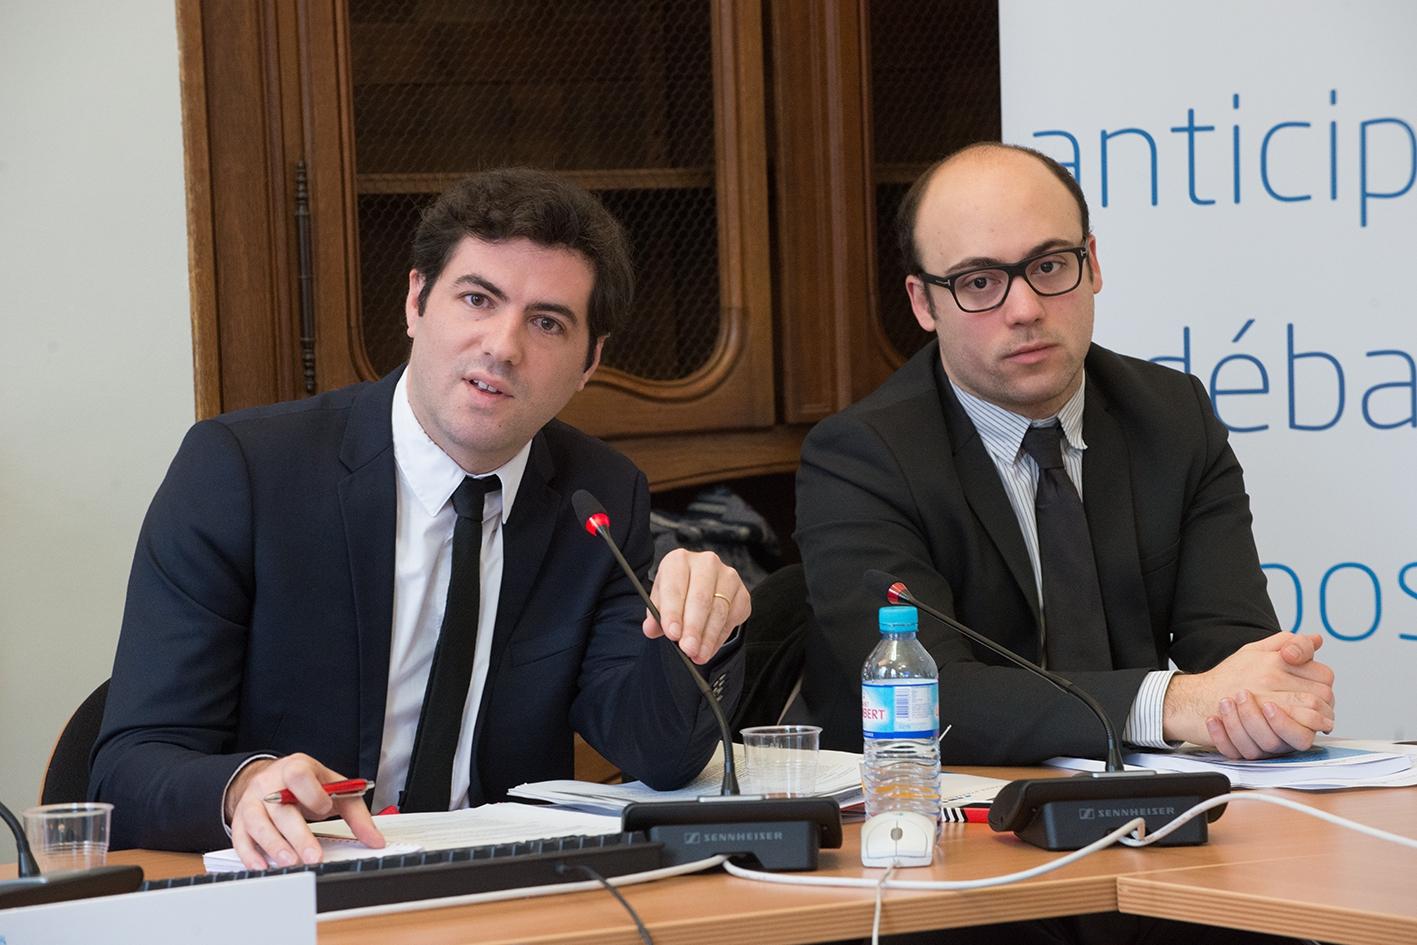 Quentin Delpech, chargé de mission au département travail-emploi à France Stratégie